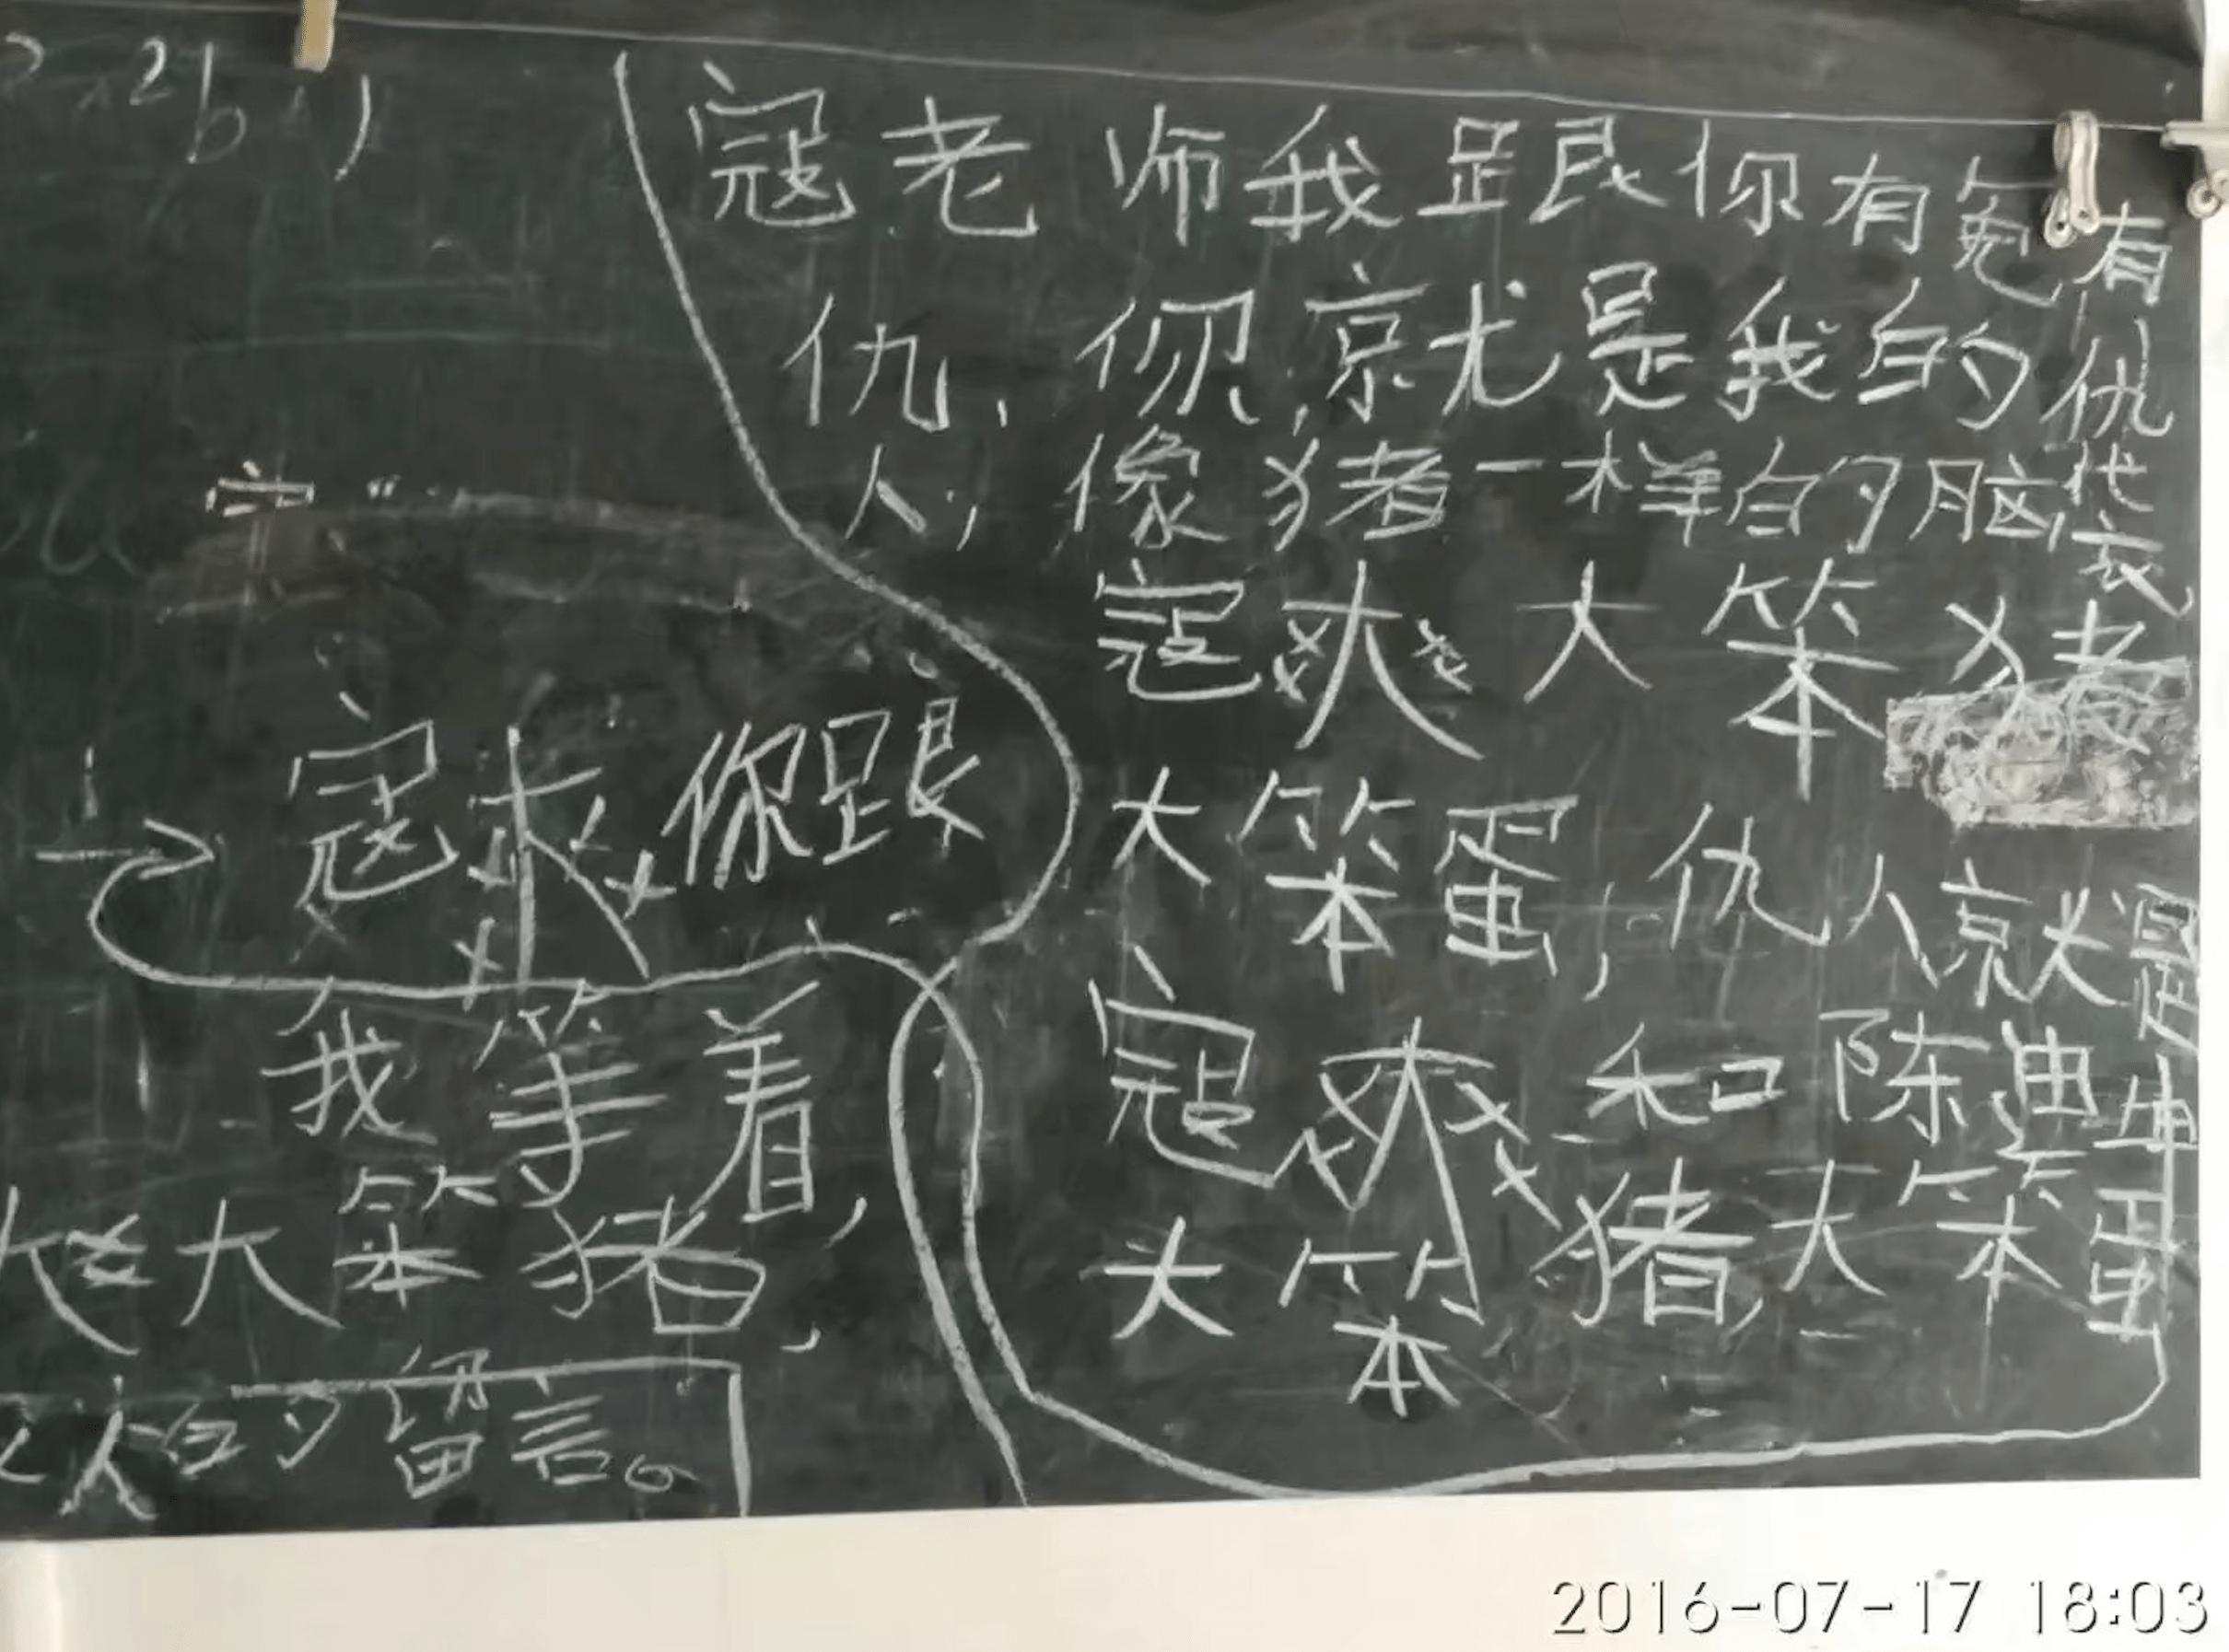 一个被我批评四年级学生在黑板上写下了这些话